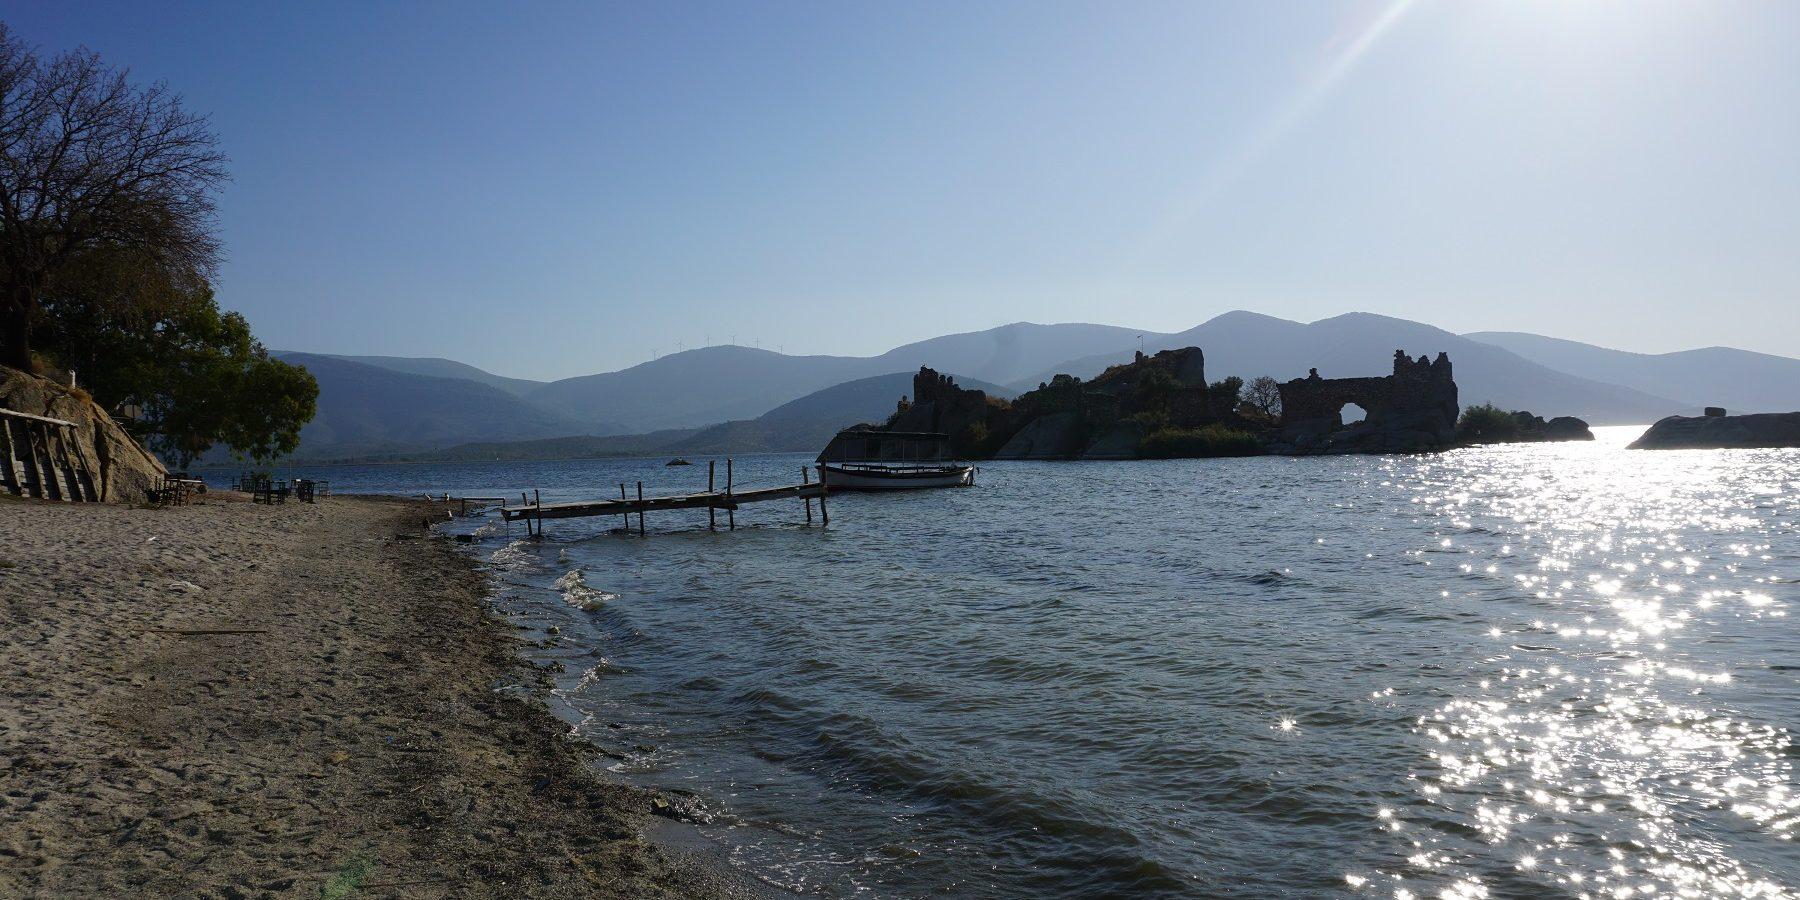 Muğla'da denize girmek için en güzel yer neresi? Muğla Milas sahillerinden biri olan Herakleia sahili hakkında yazdık.